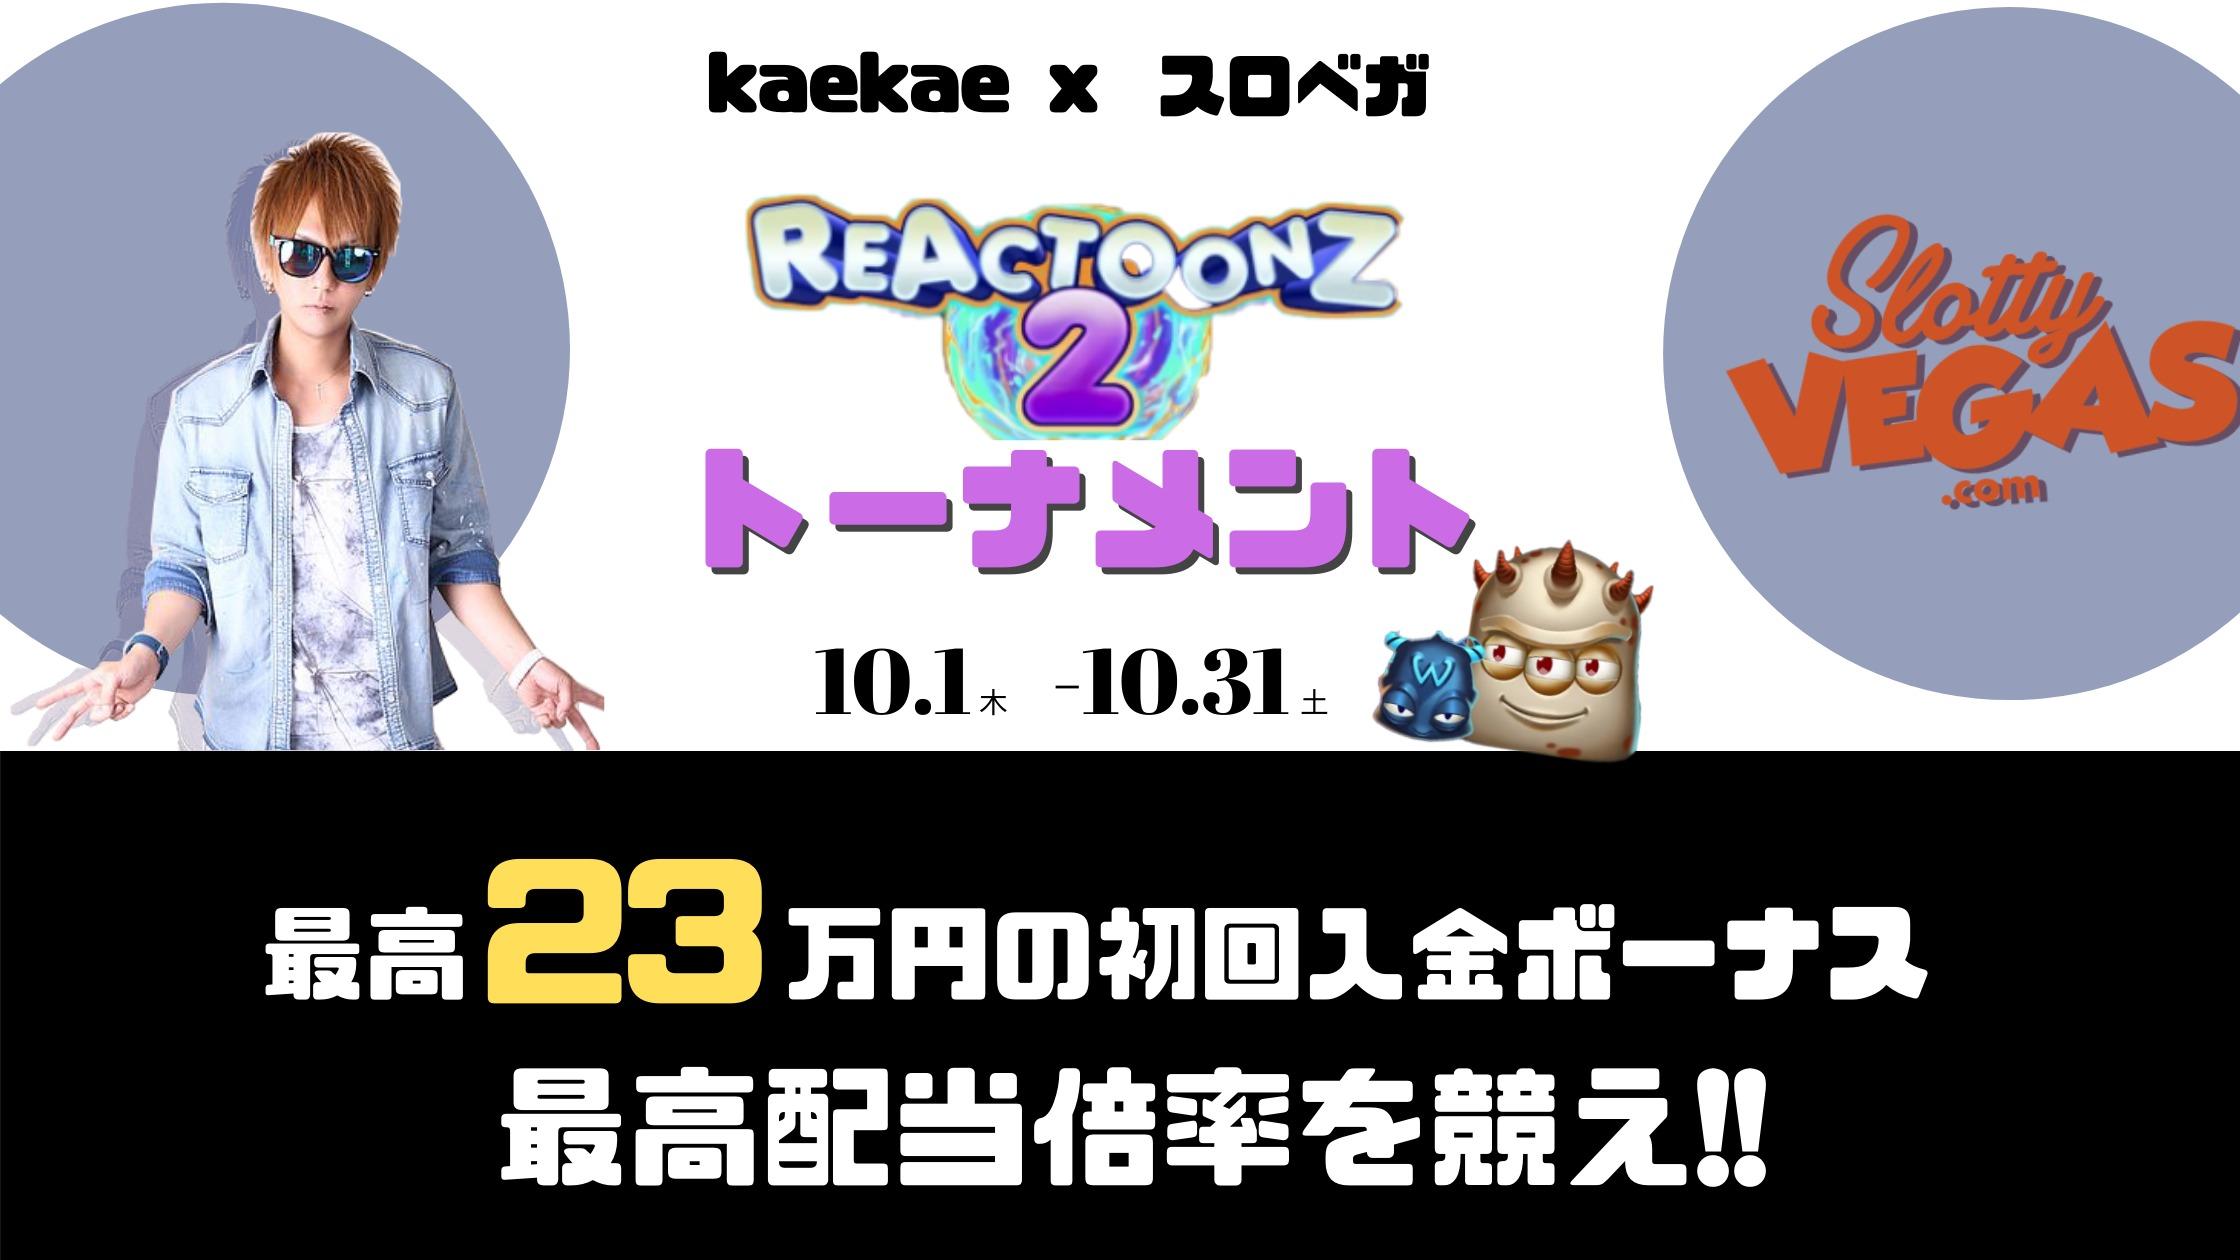 【10月限定】スロッティベガス×kaekaeコラボ!「Reactoonz2」の倍率イベントを開催!